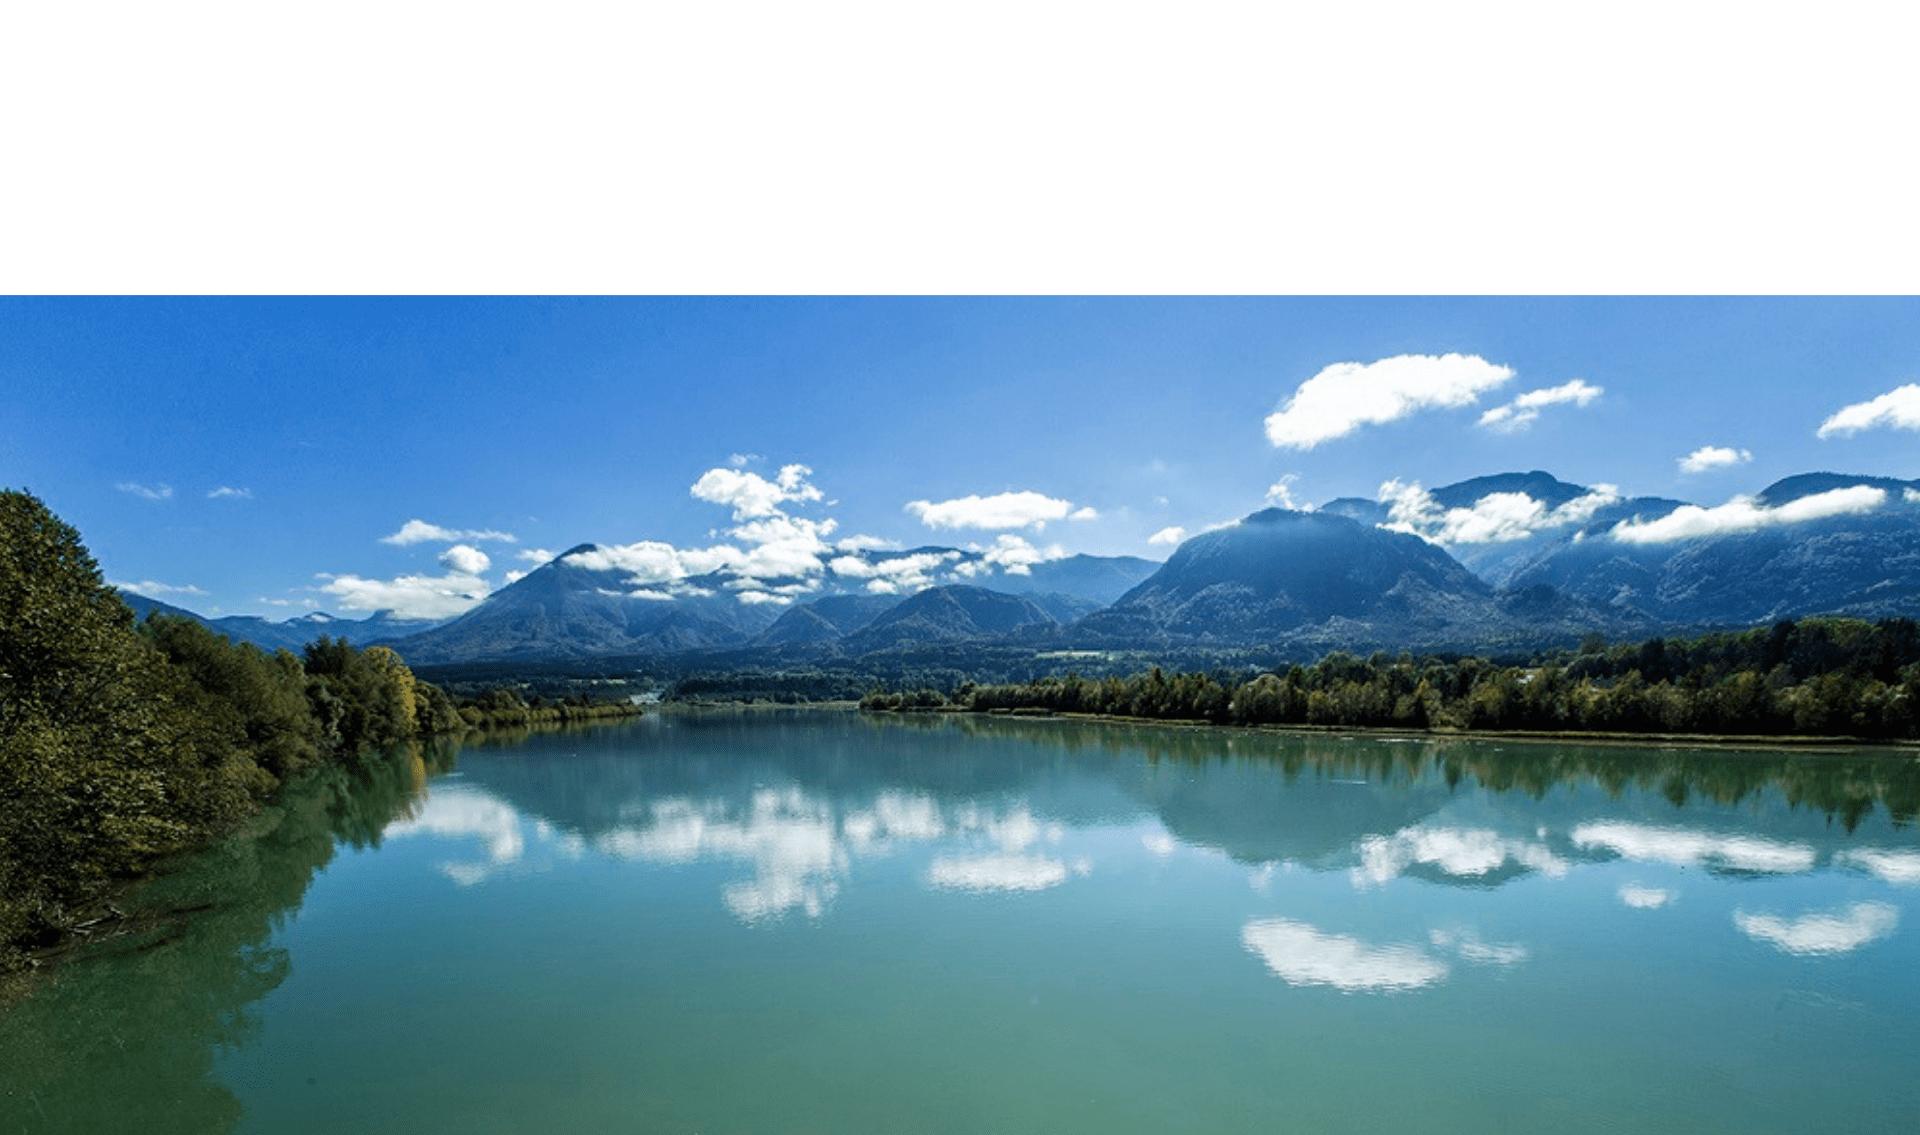 Fietsvakantie Karinthië de Meren en de Drau